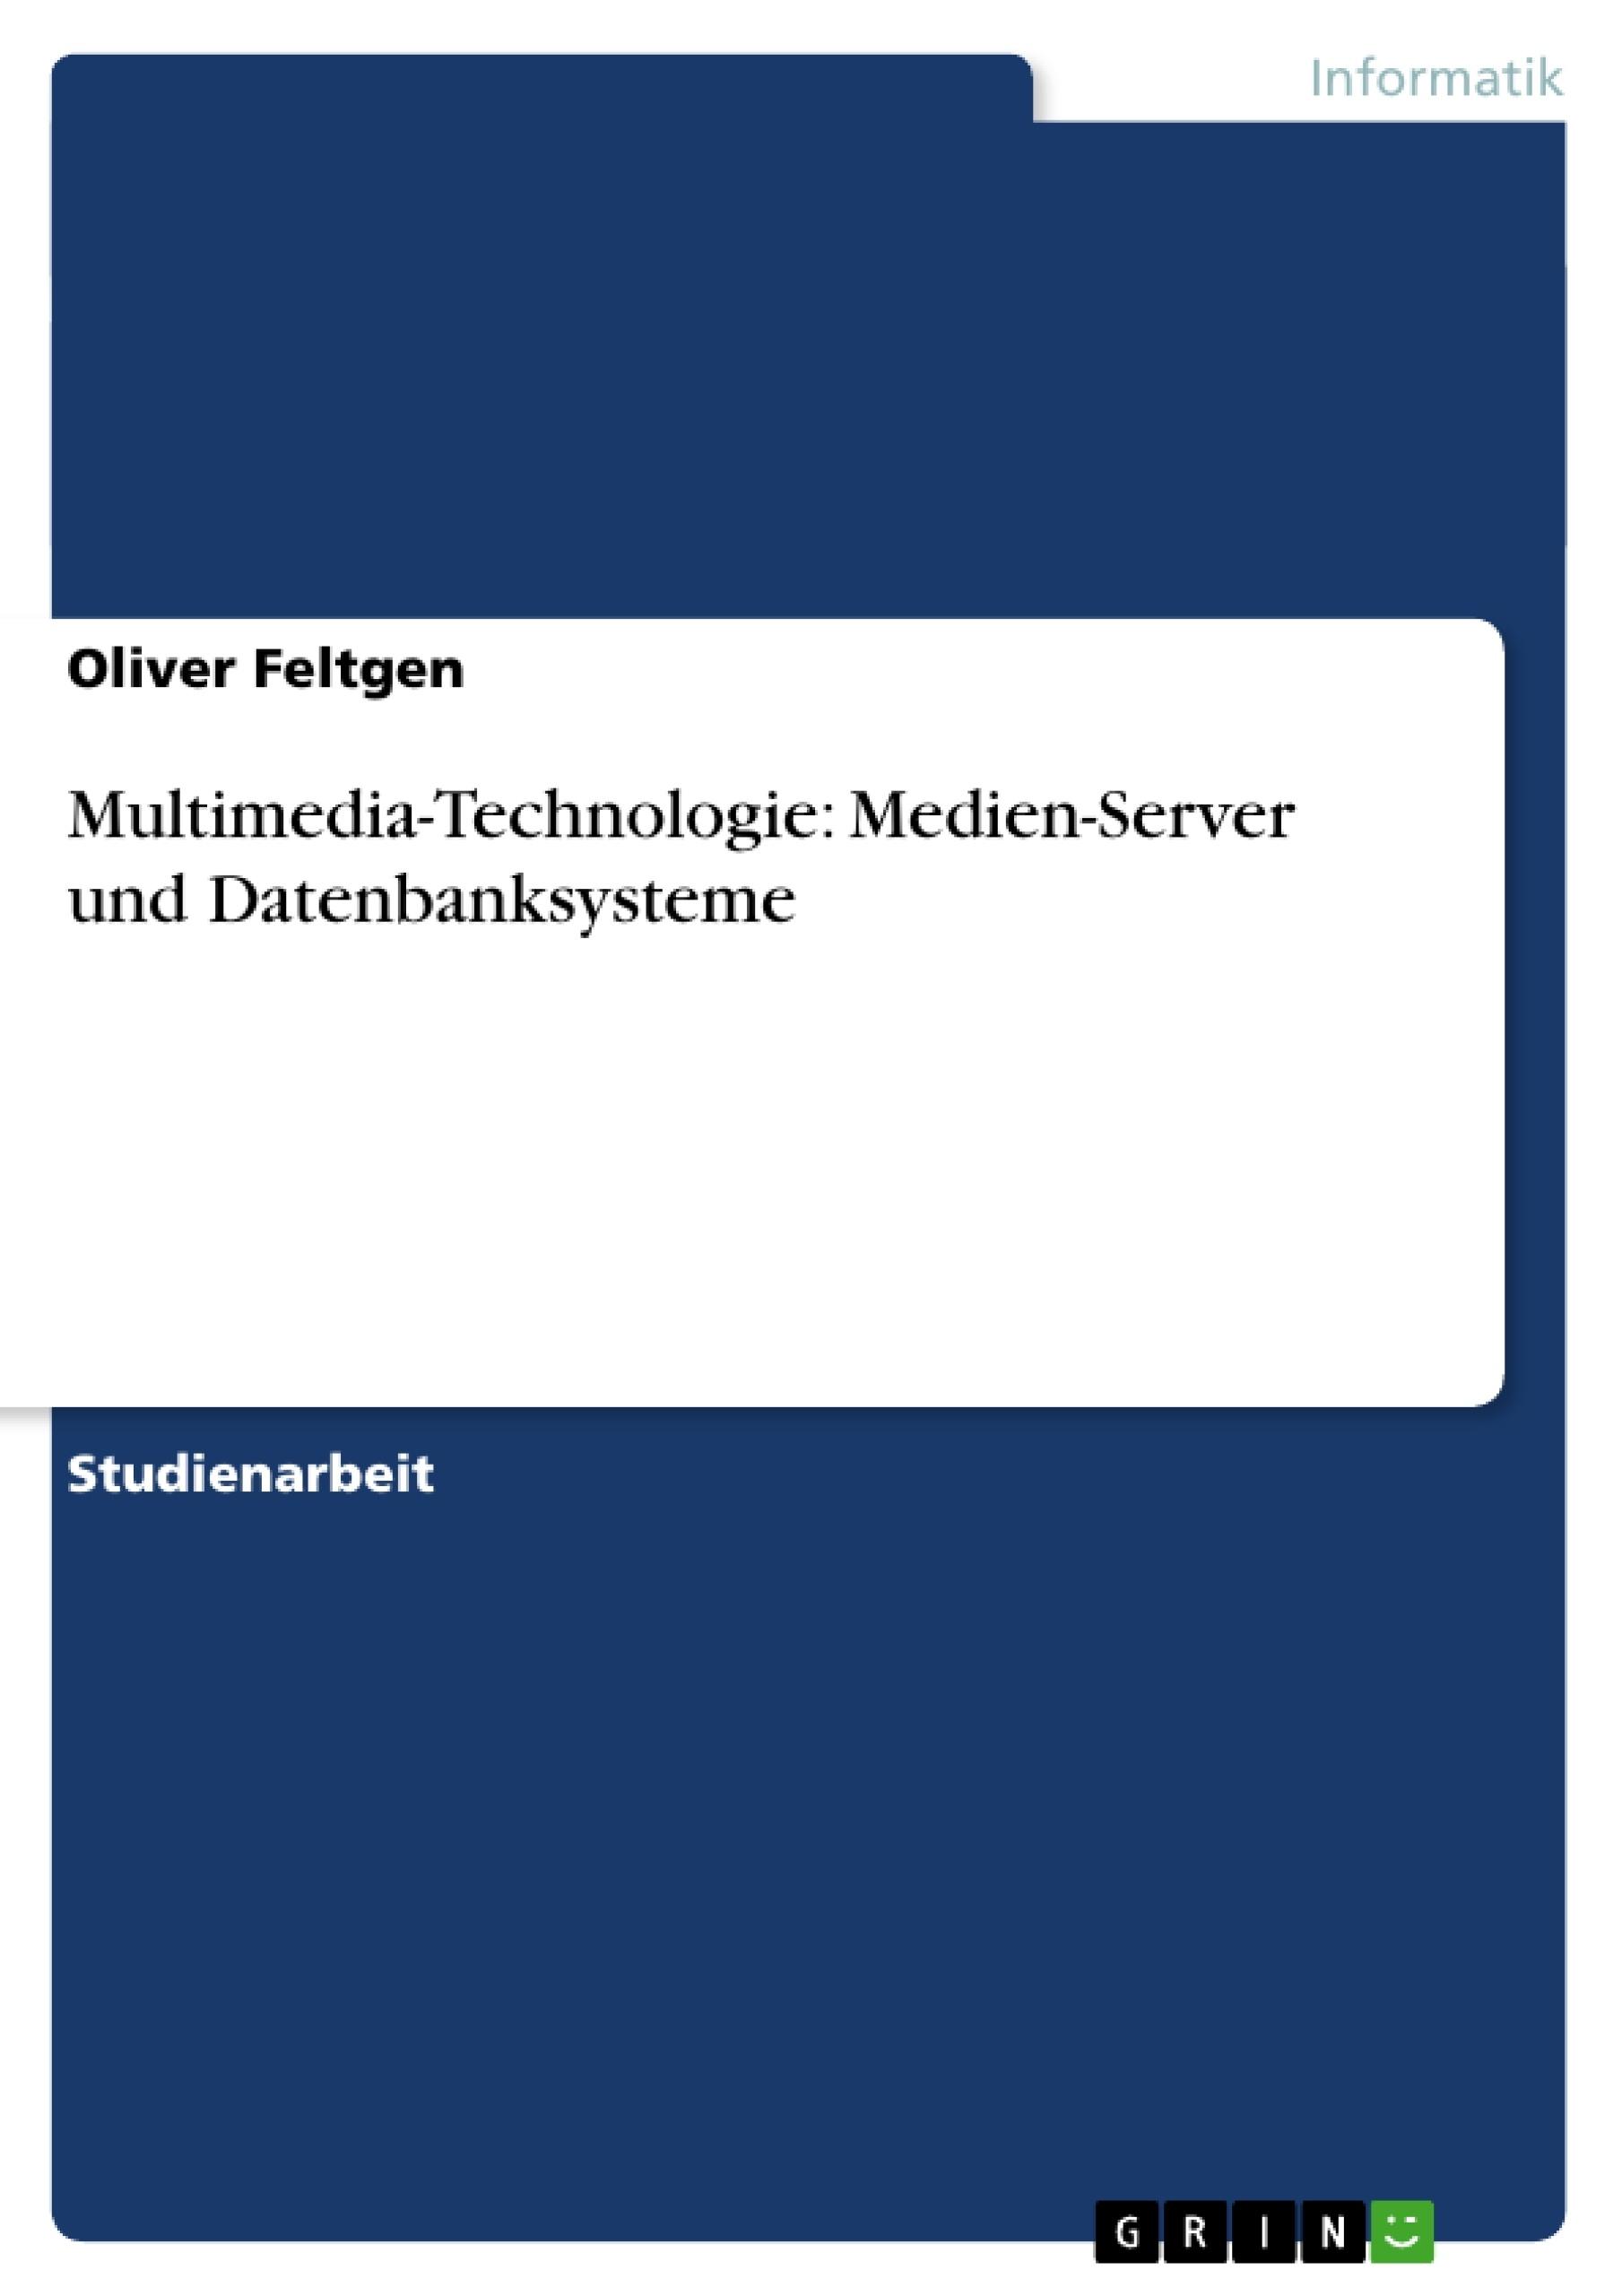 Titel: Multimedia-Technologie: Medien-Server und Datenbanksysteme